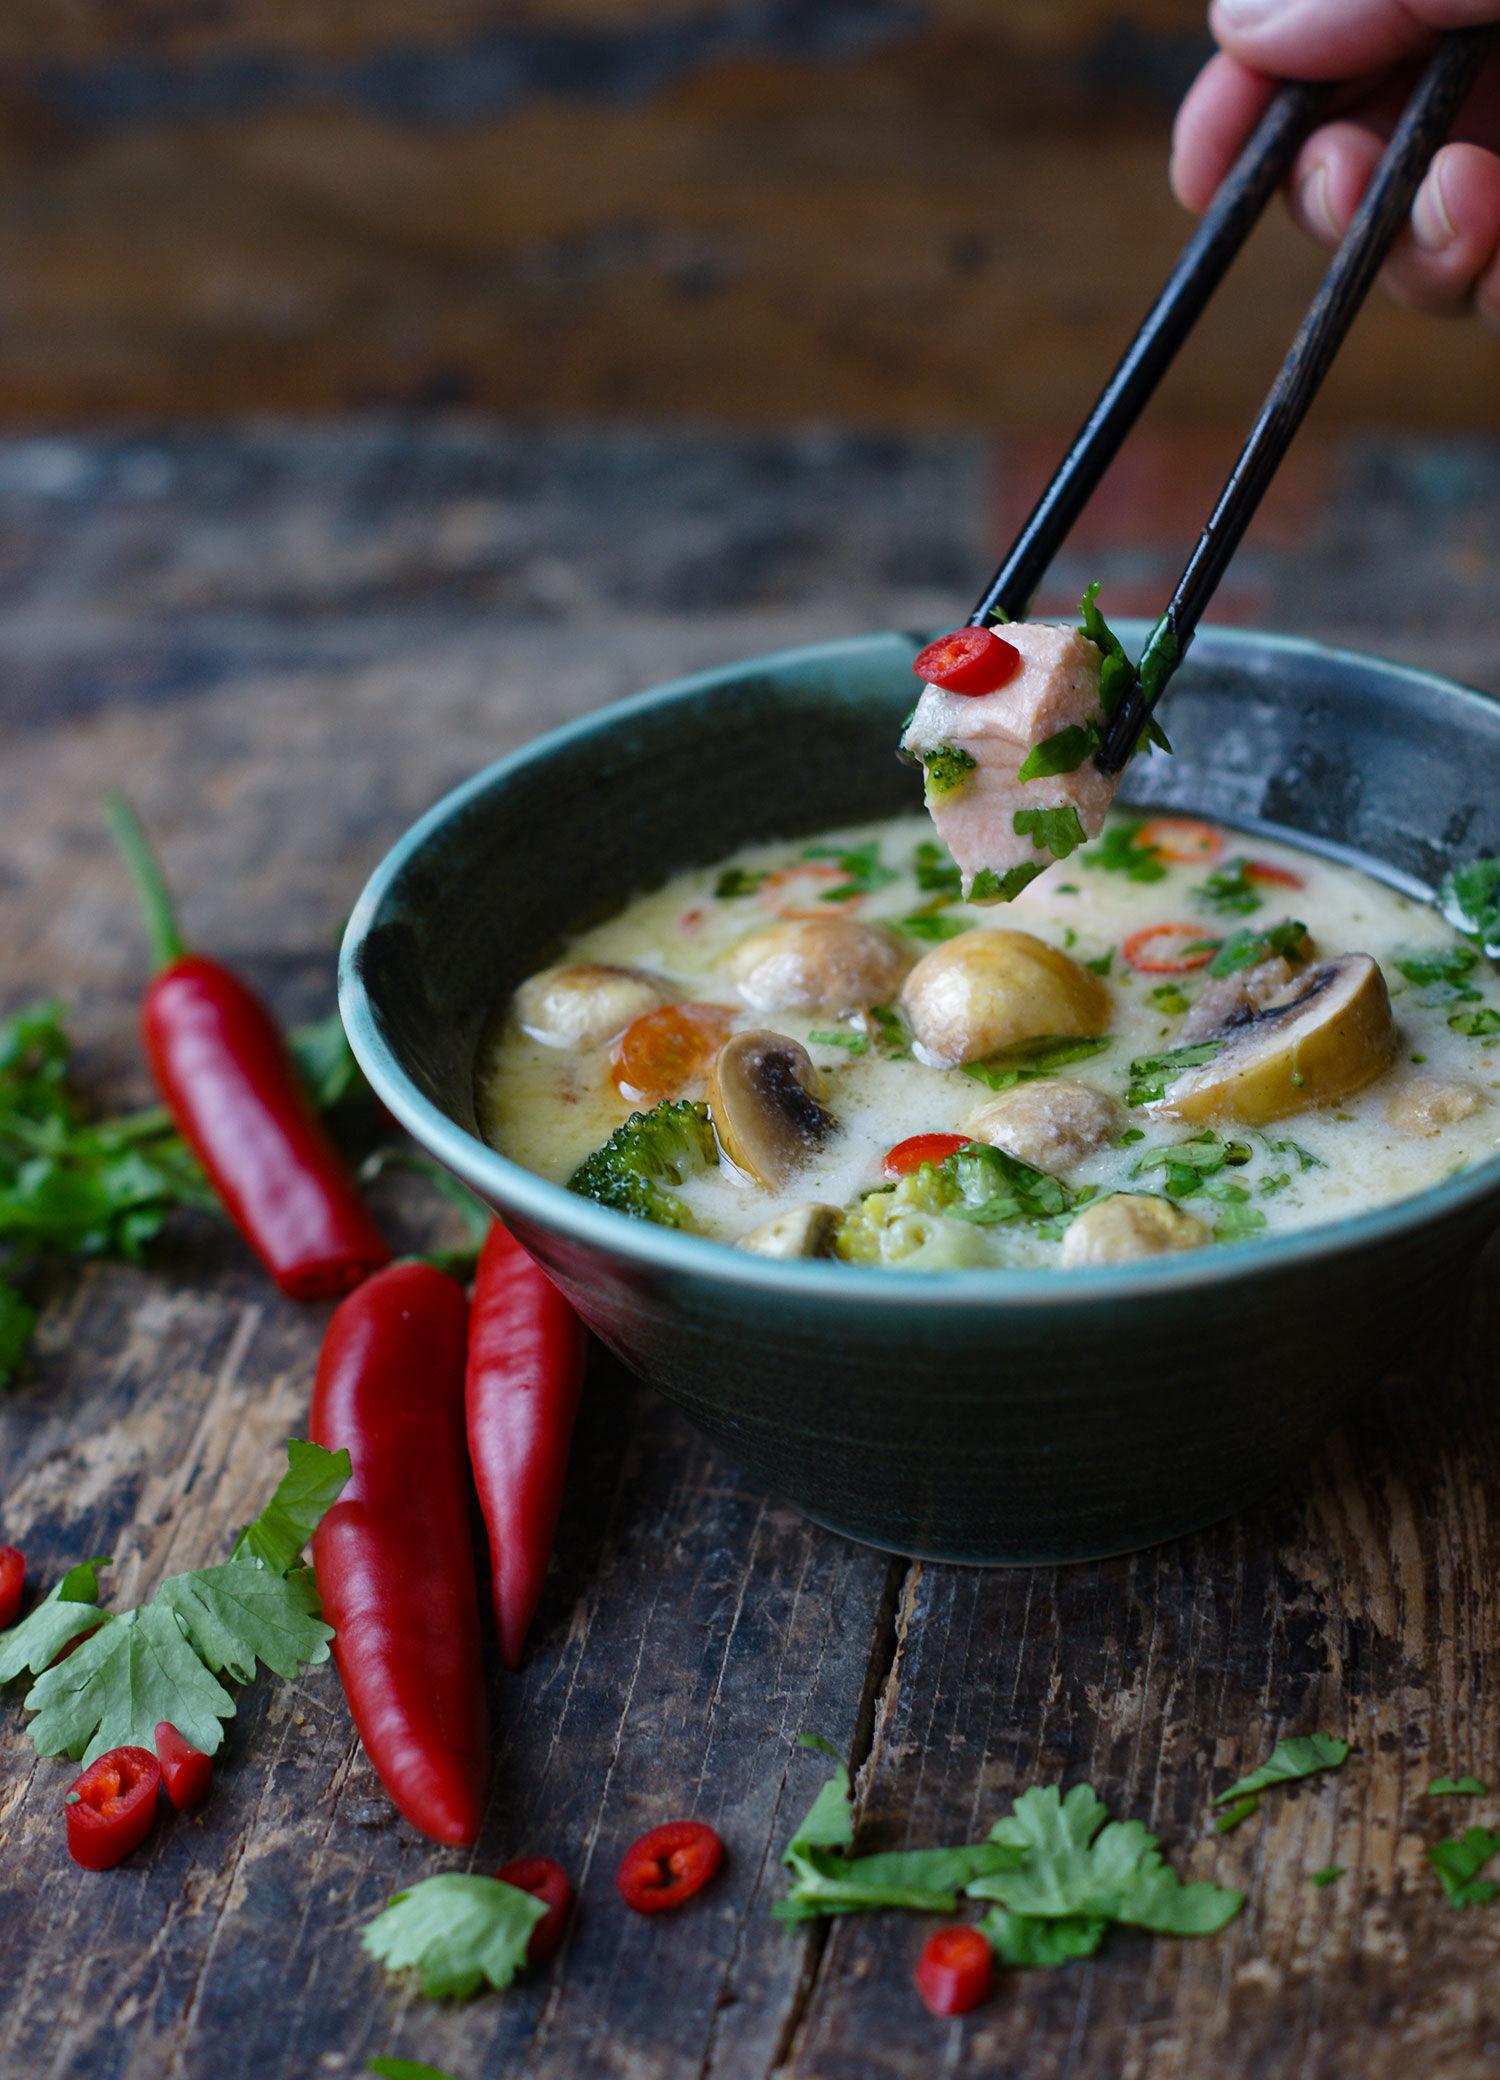 Thai laxsoppa med kokosmjölk, champinjoner, broccoli, chili och lime i en rustik skål på ett rustikt träbord. Runtomkring skålen ligger chili och koriander.